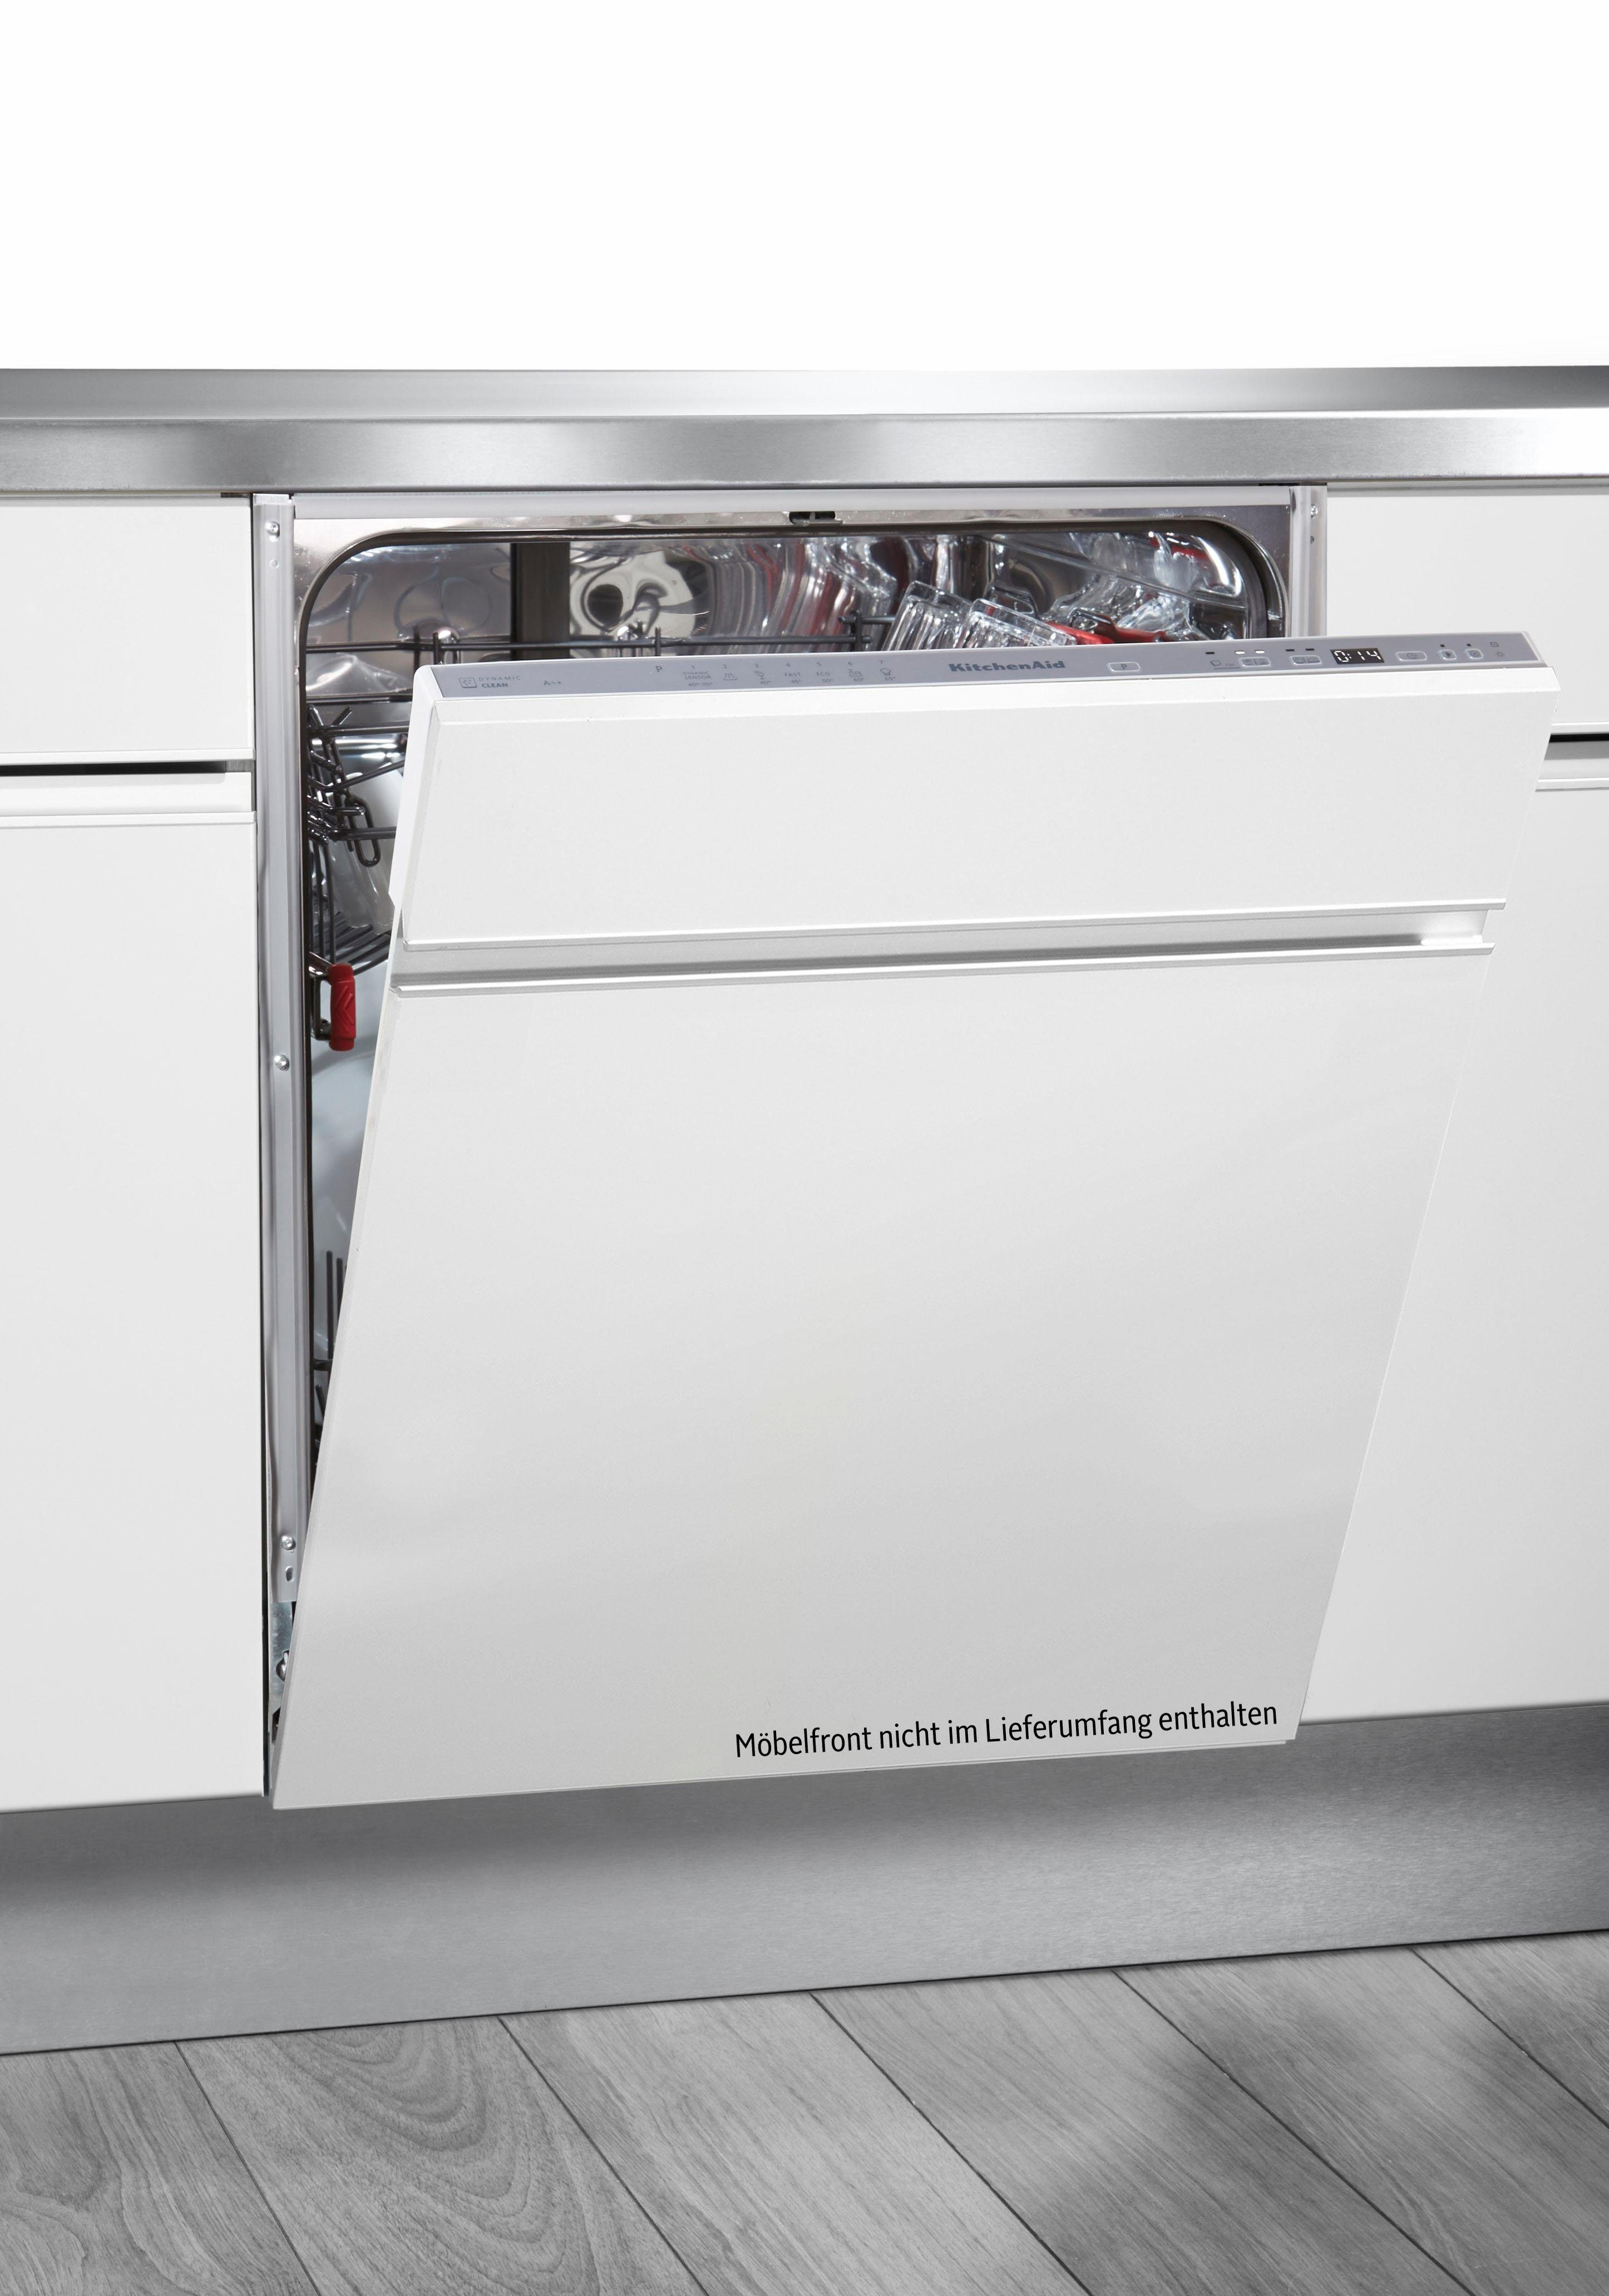 KitchenAid Vollintegrierbarer Einbaugeschirrspüler KDSCM82130, A++, 9 Liter, 13 Maßgedecke